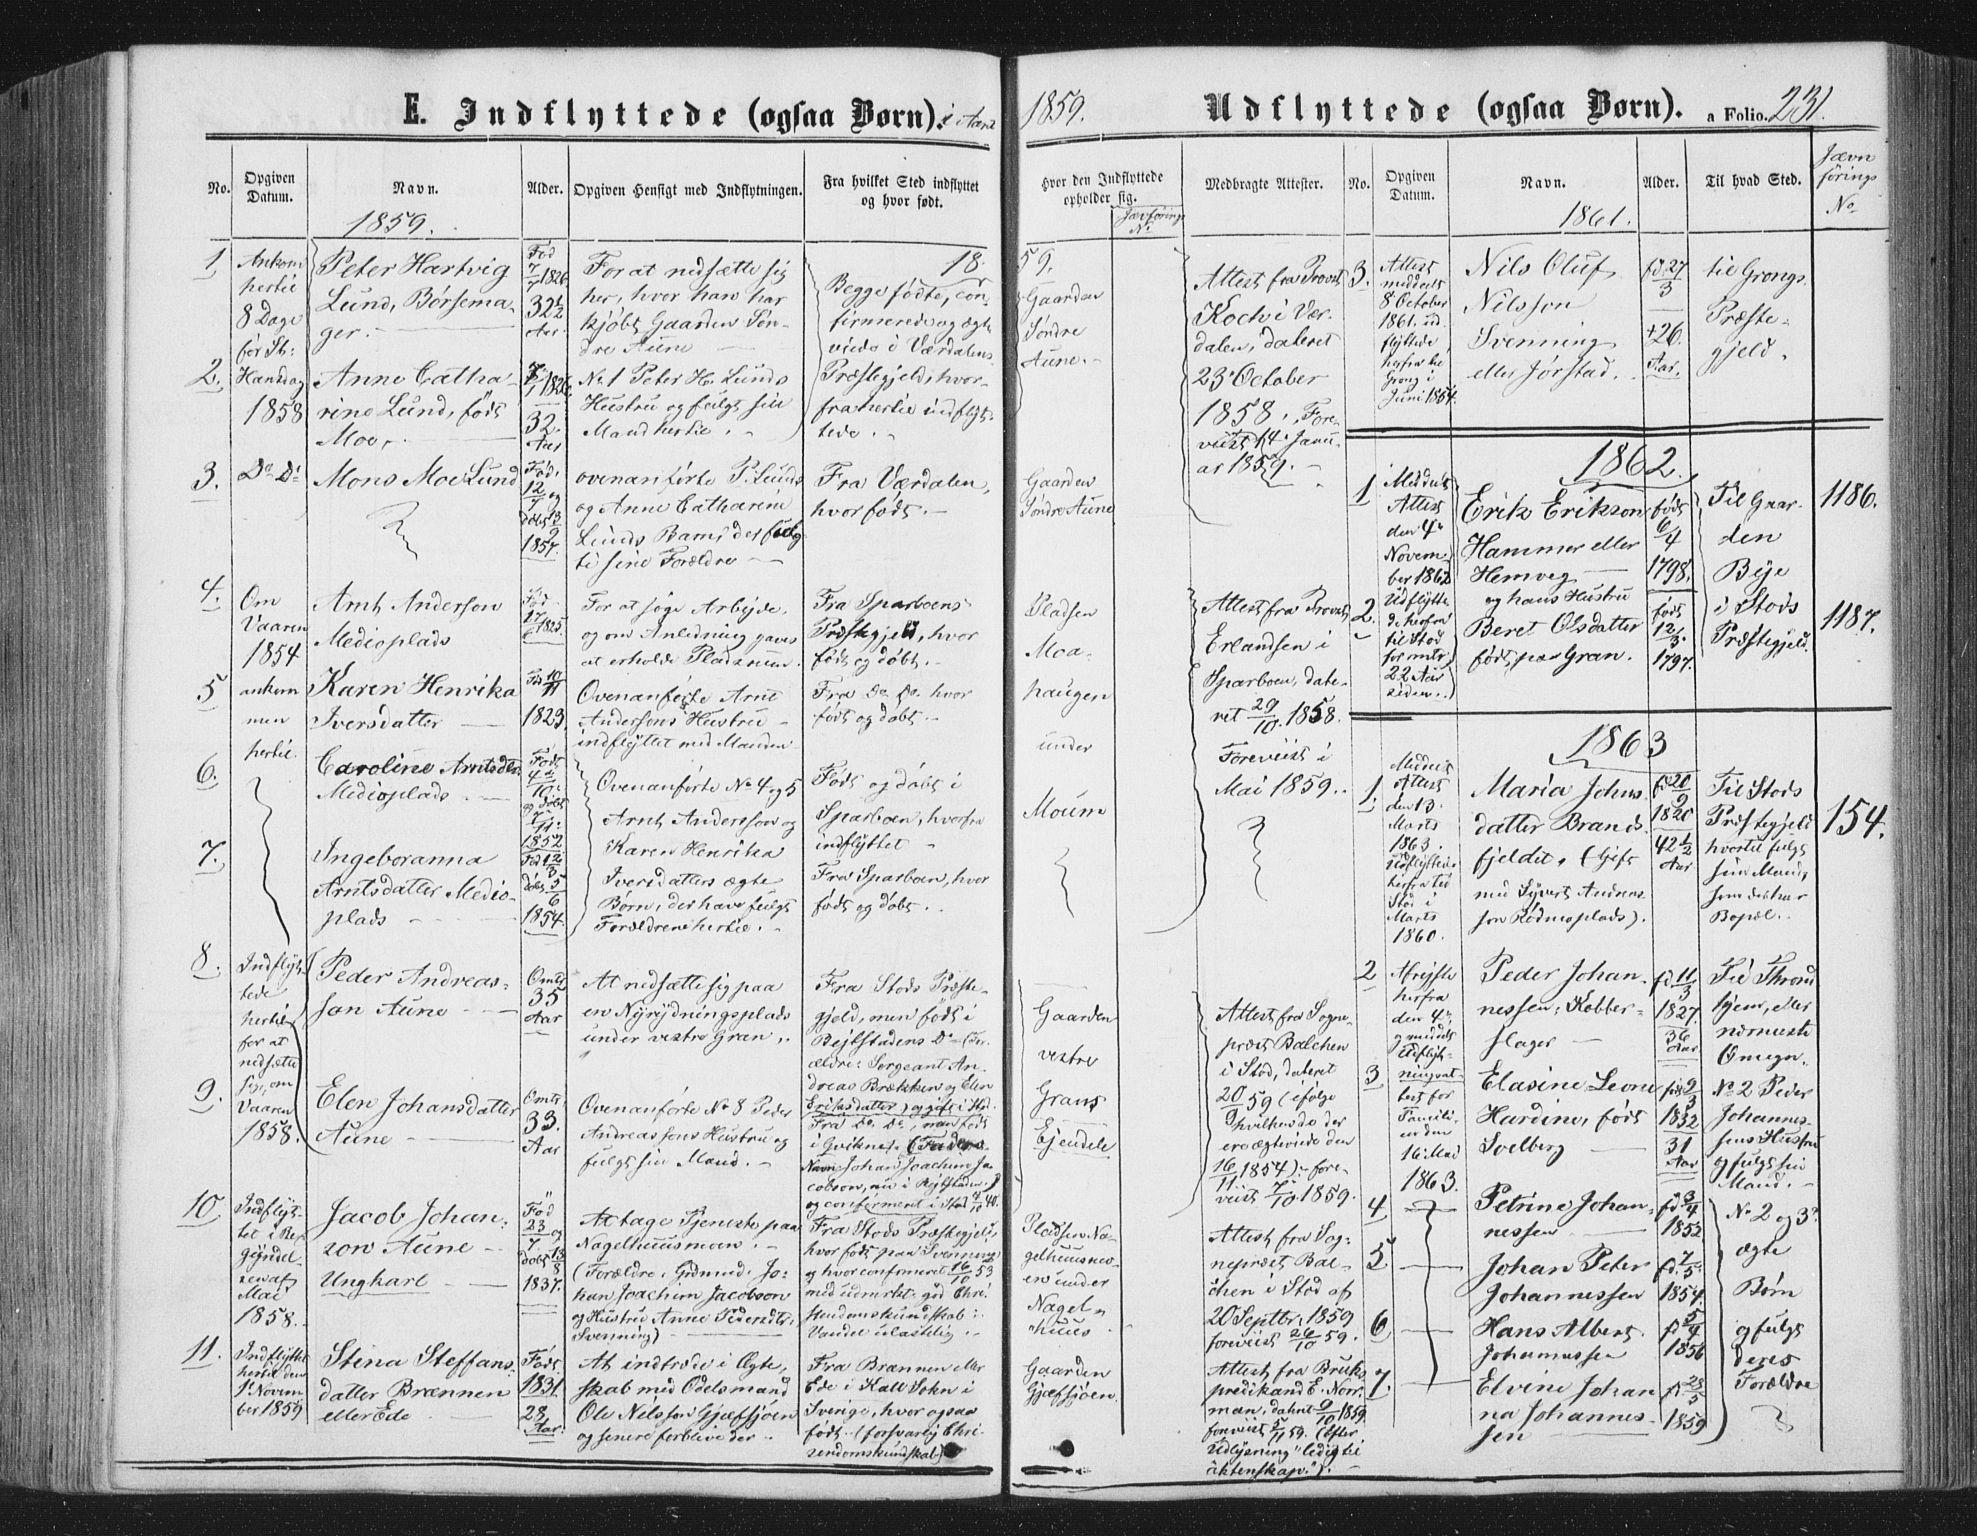 SAT, Ministerialprotokoller, klokkerbøker og fødselsregistre - Nord-Trøndelag, 749/L0472: Ministerialbok nr. 749A06, 1857-1873, s. 231